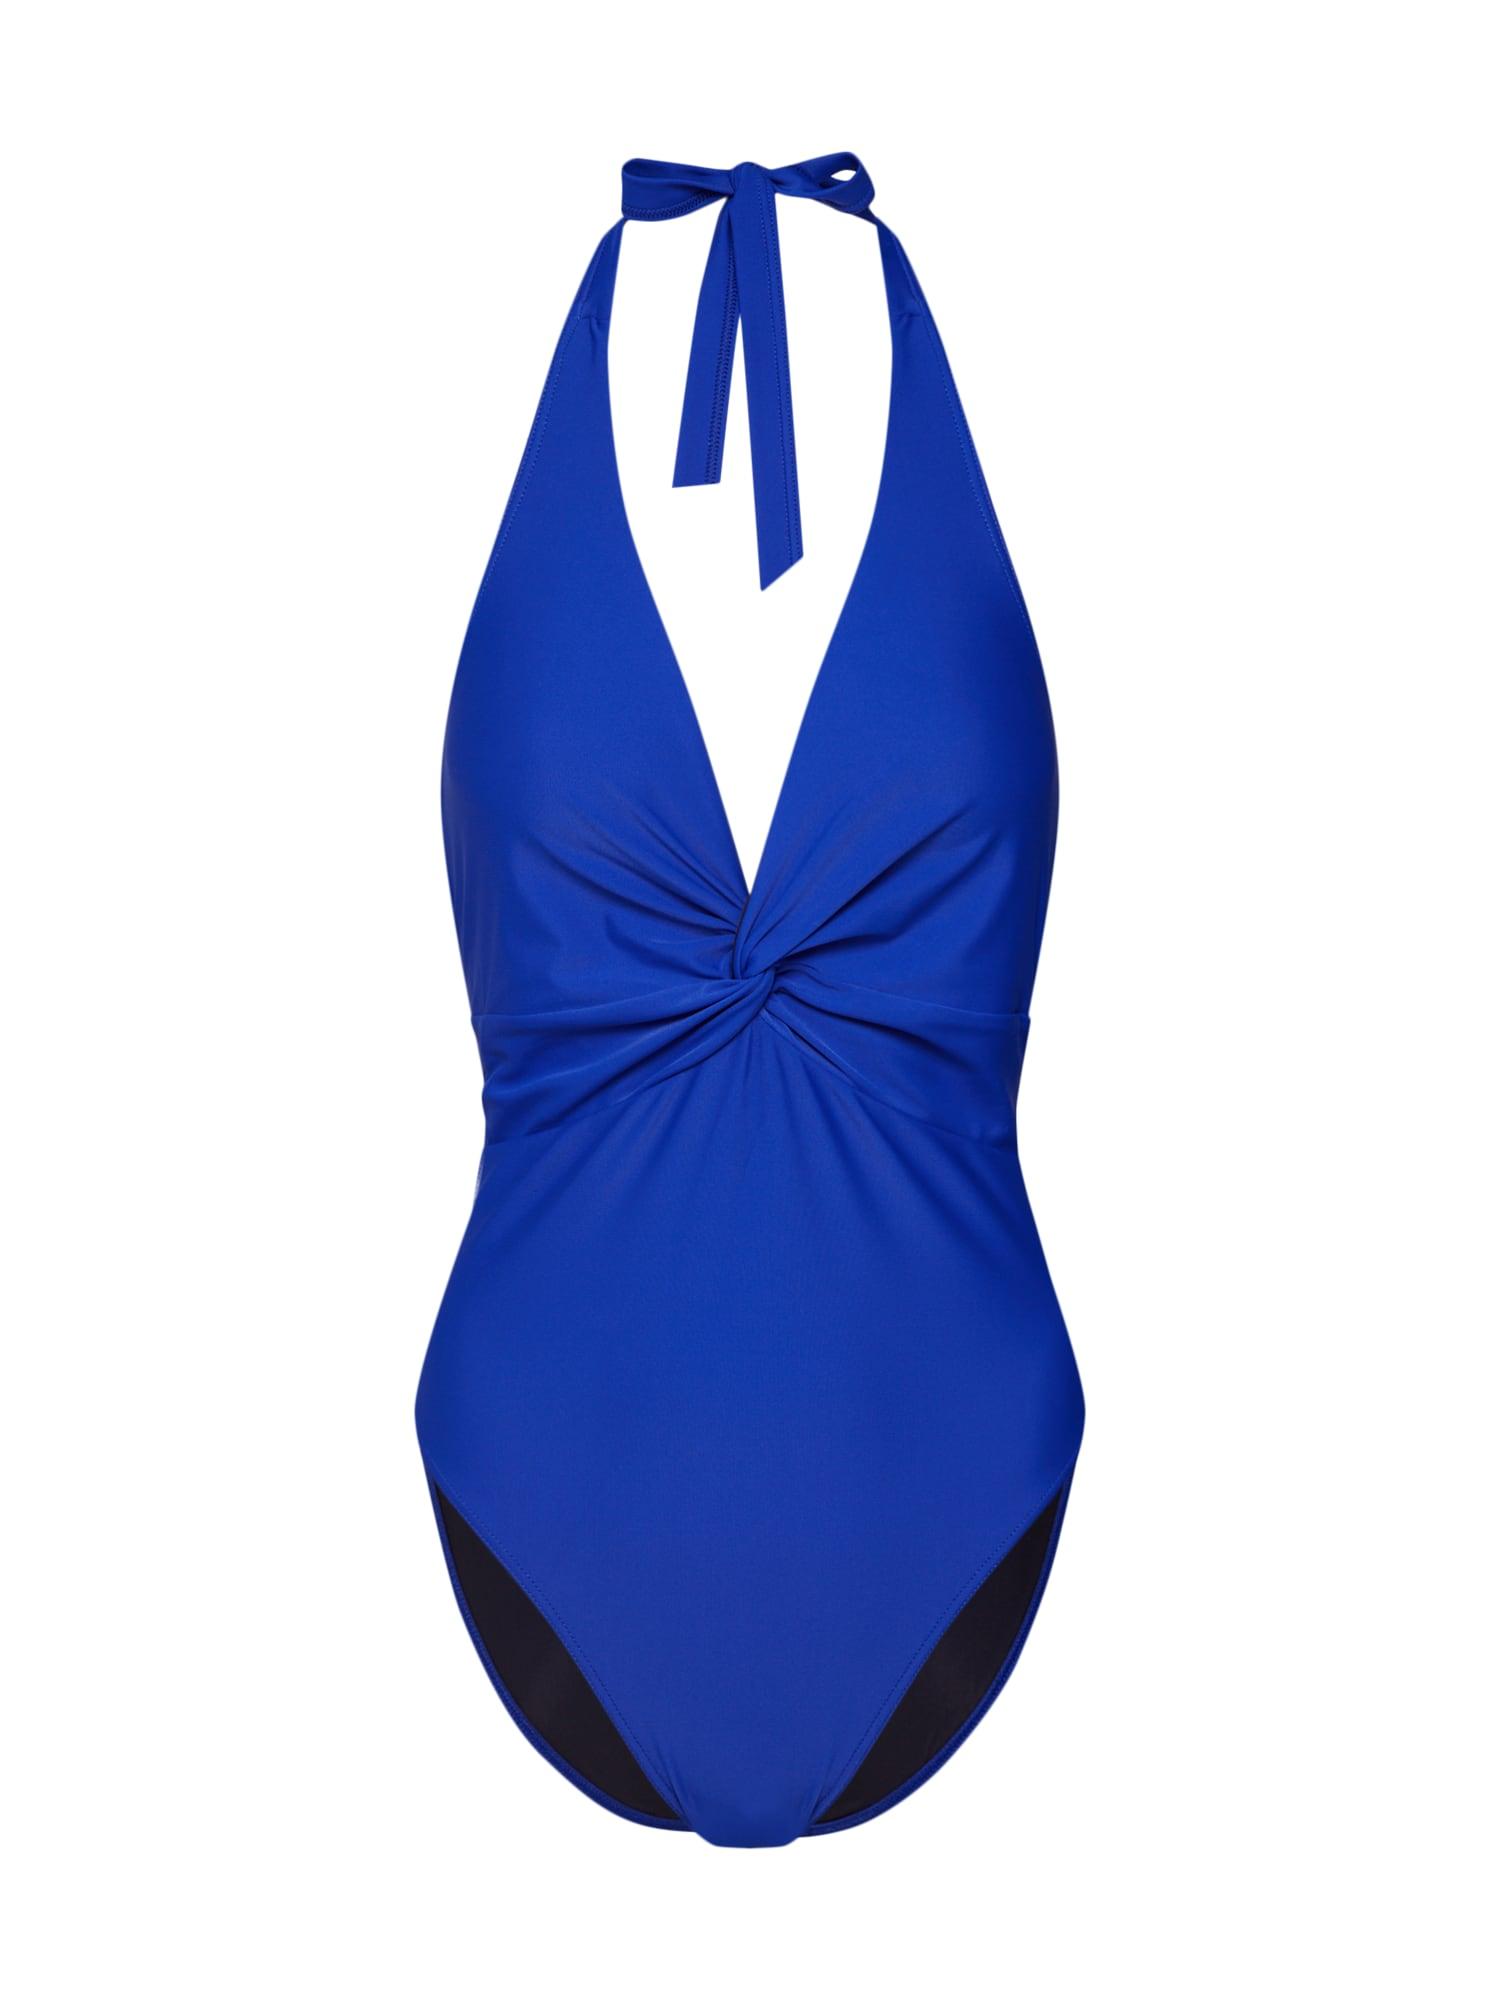 Plavky Naomi modrá ABOUT YOU X Sarina Nowak